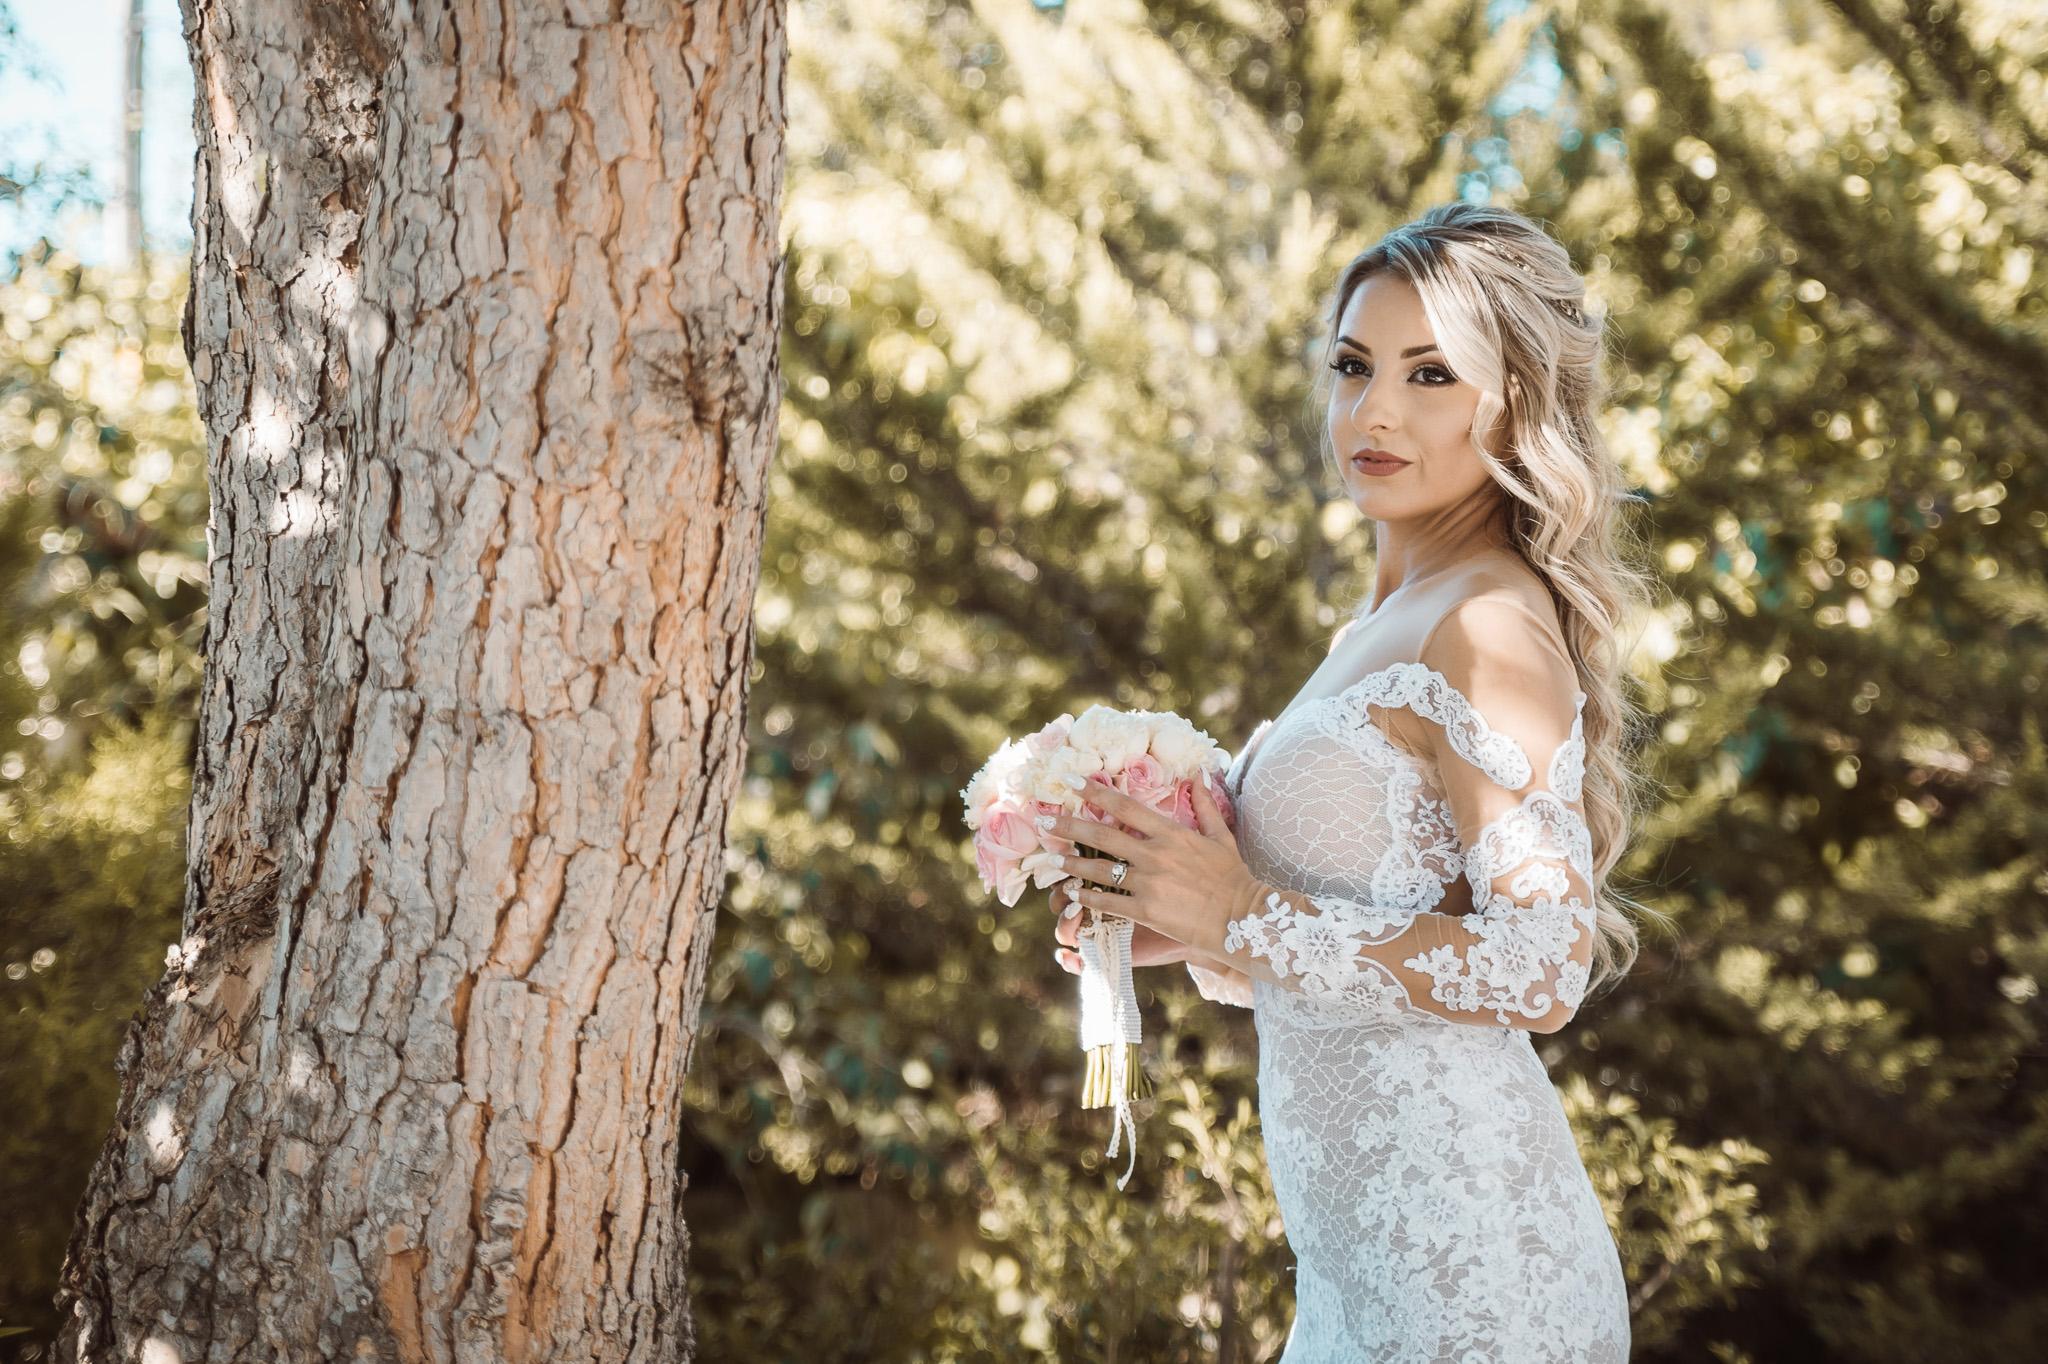 πορτραίτο νύφης φωτογράφιση γάμου